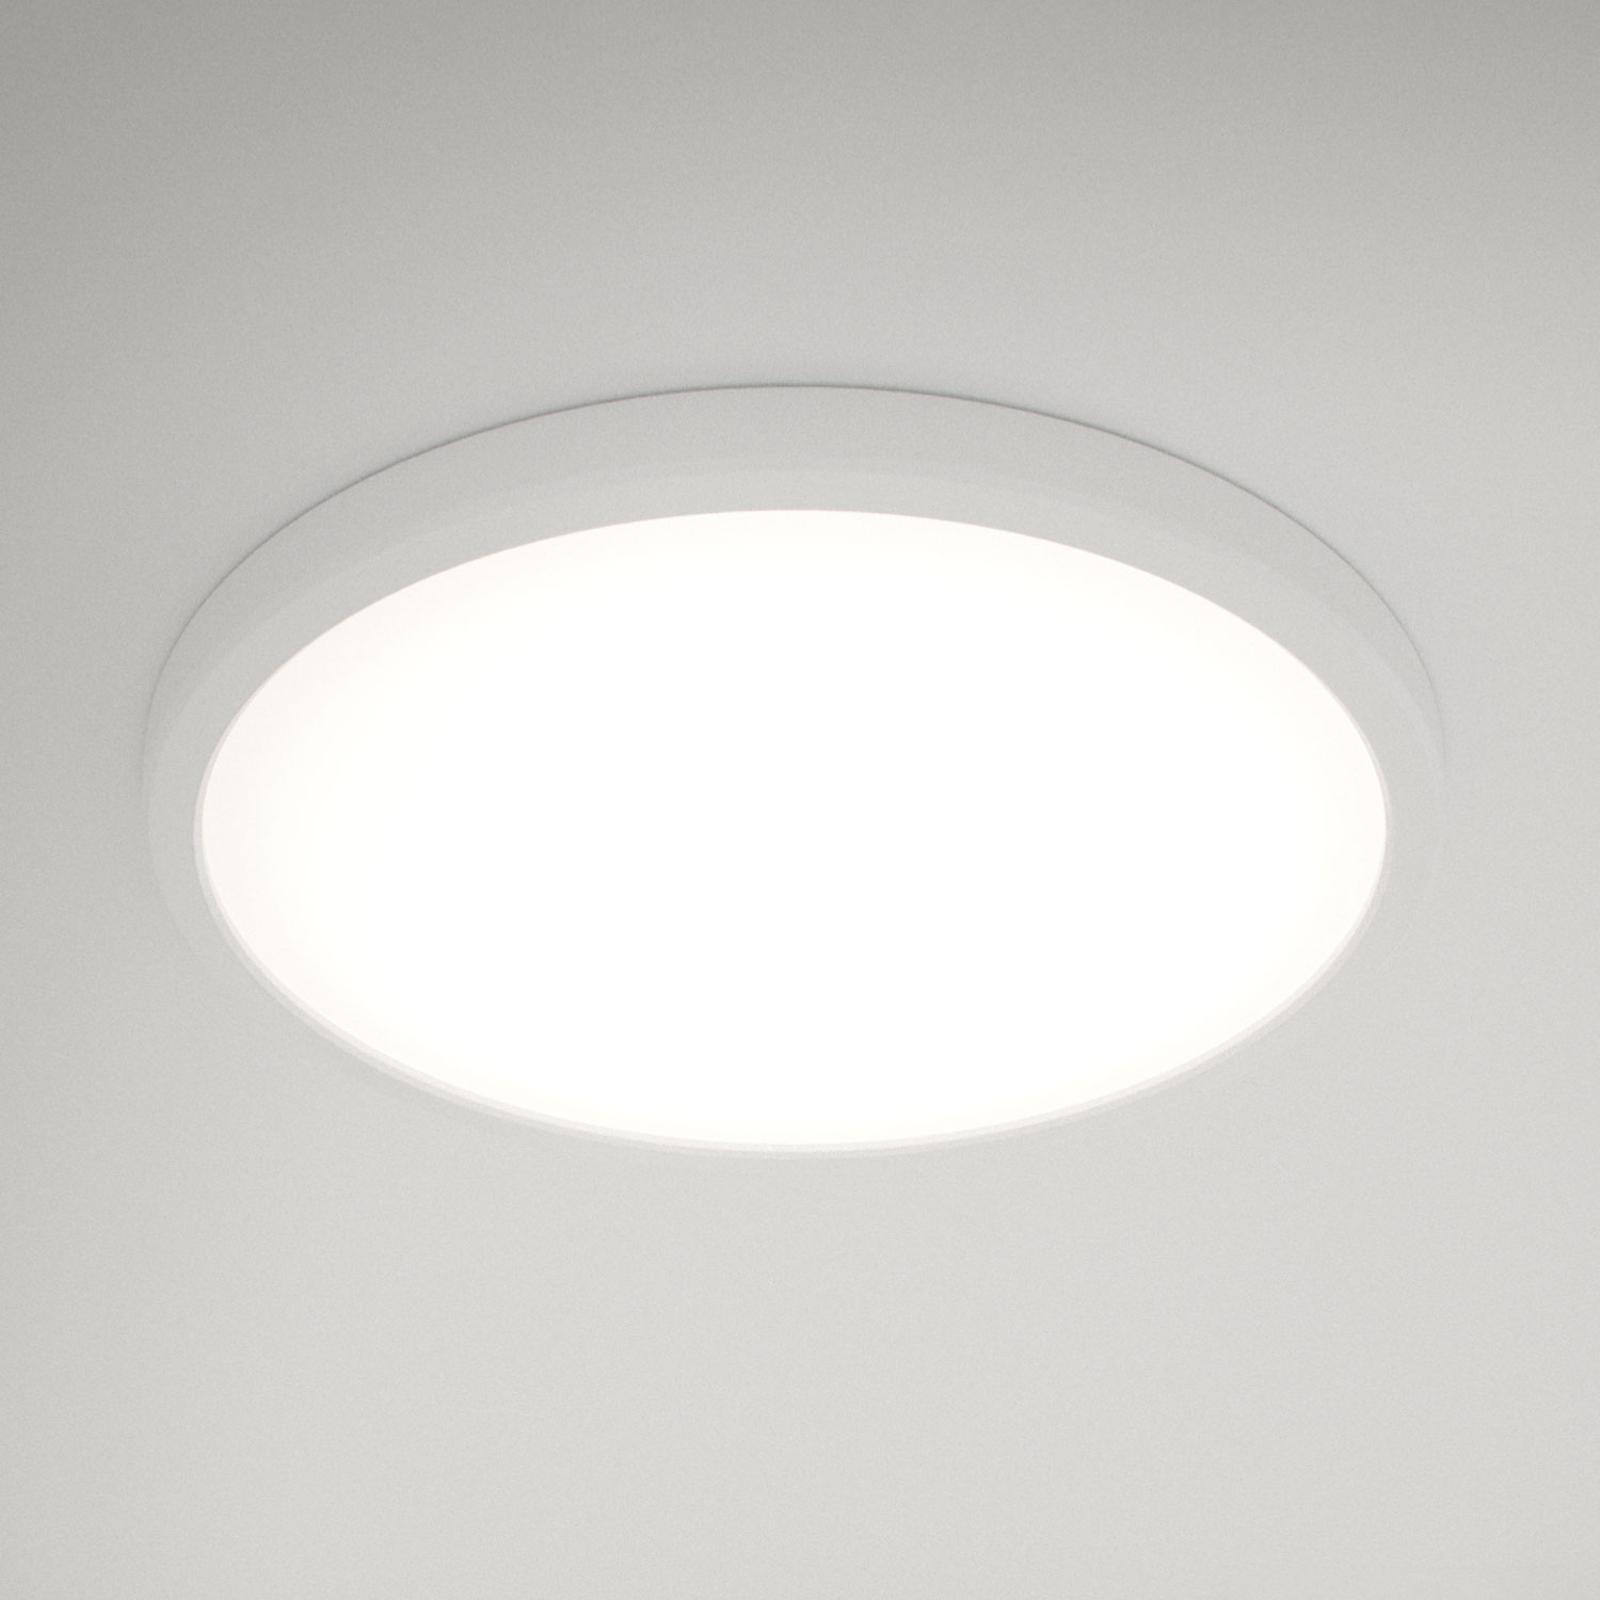 LED-Deckenleuchte Oja 29 IP54 2.700K kaufen